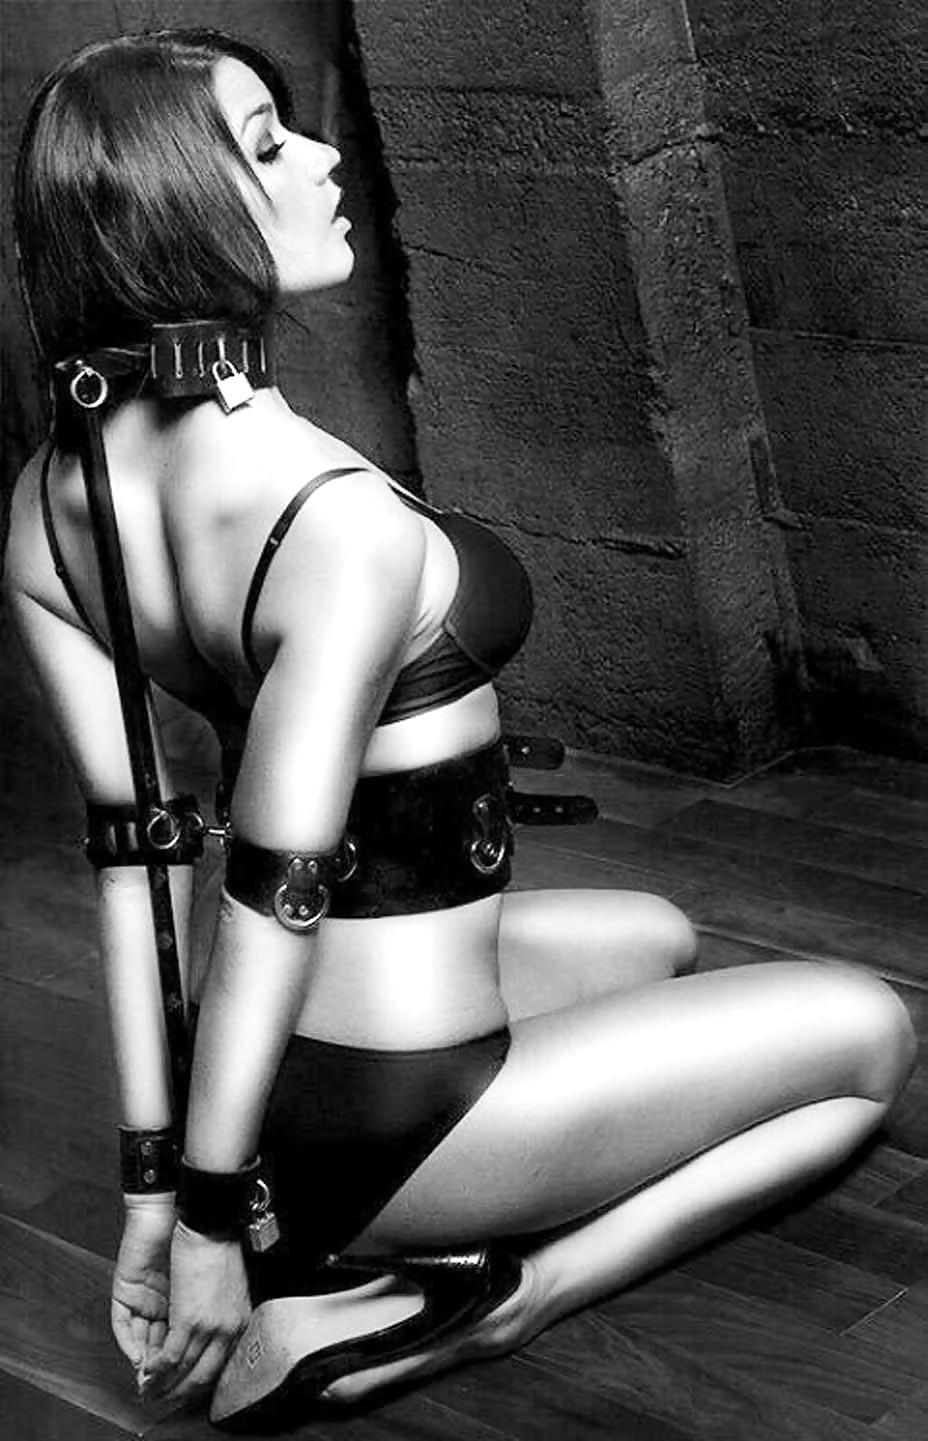 Light bondage women